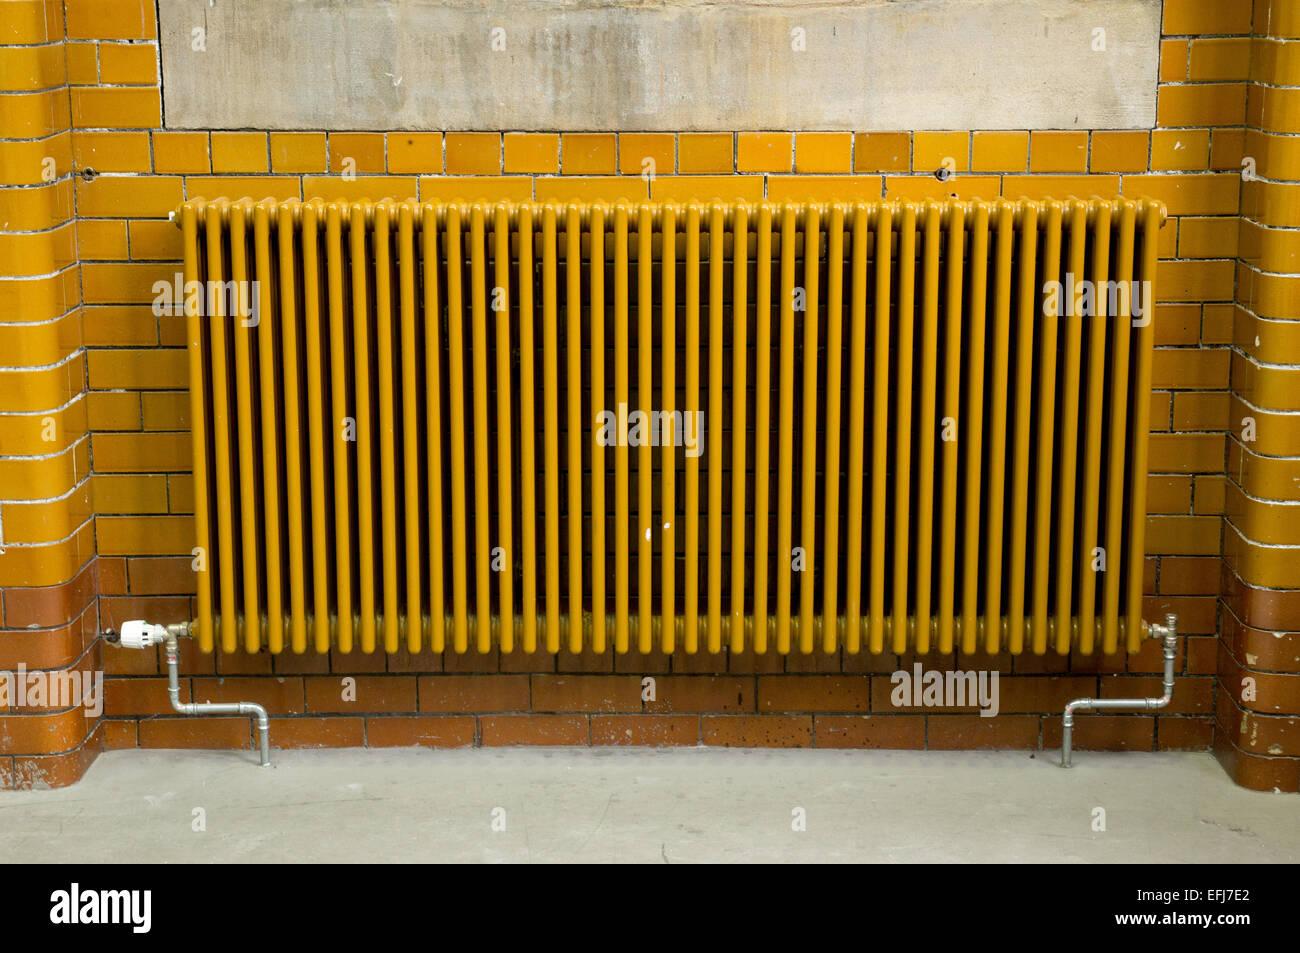 Retro radiator - Stock Image